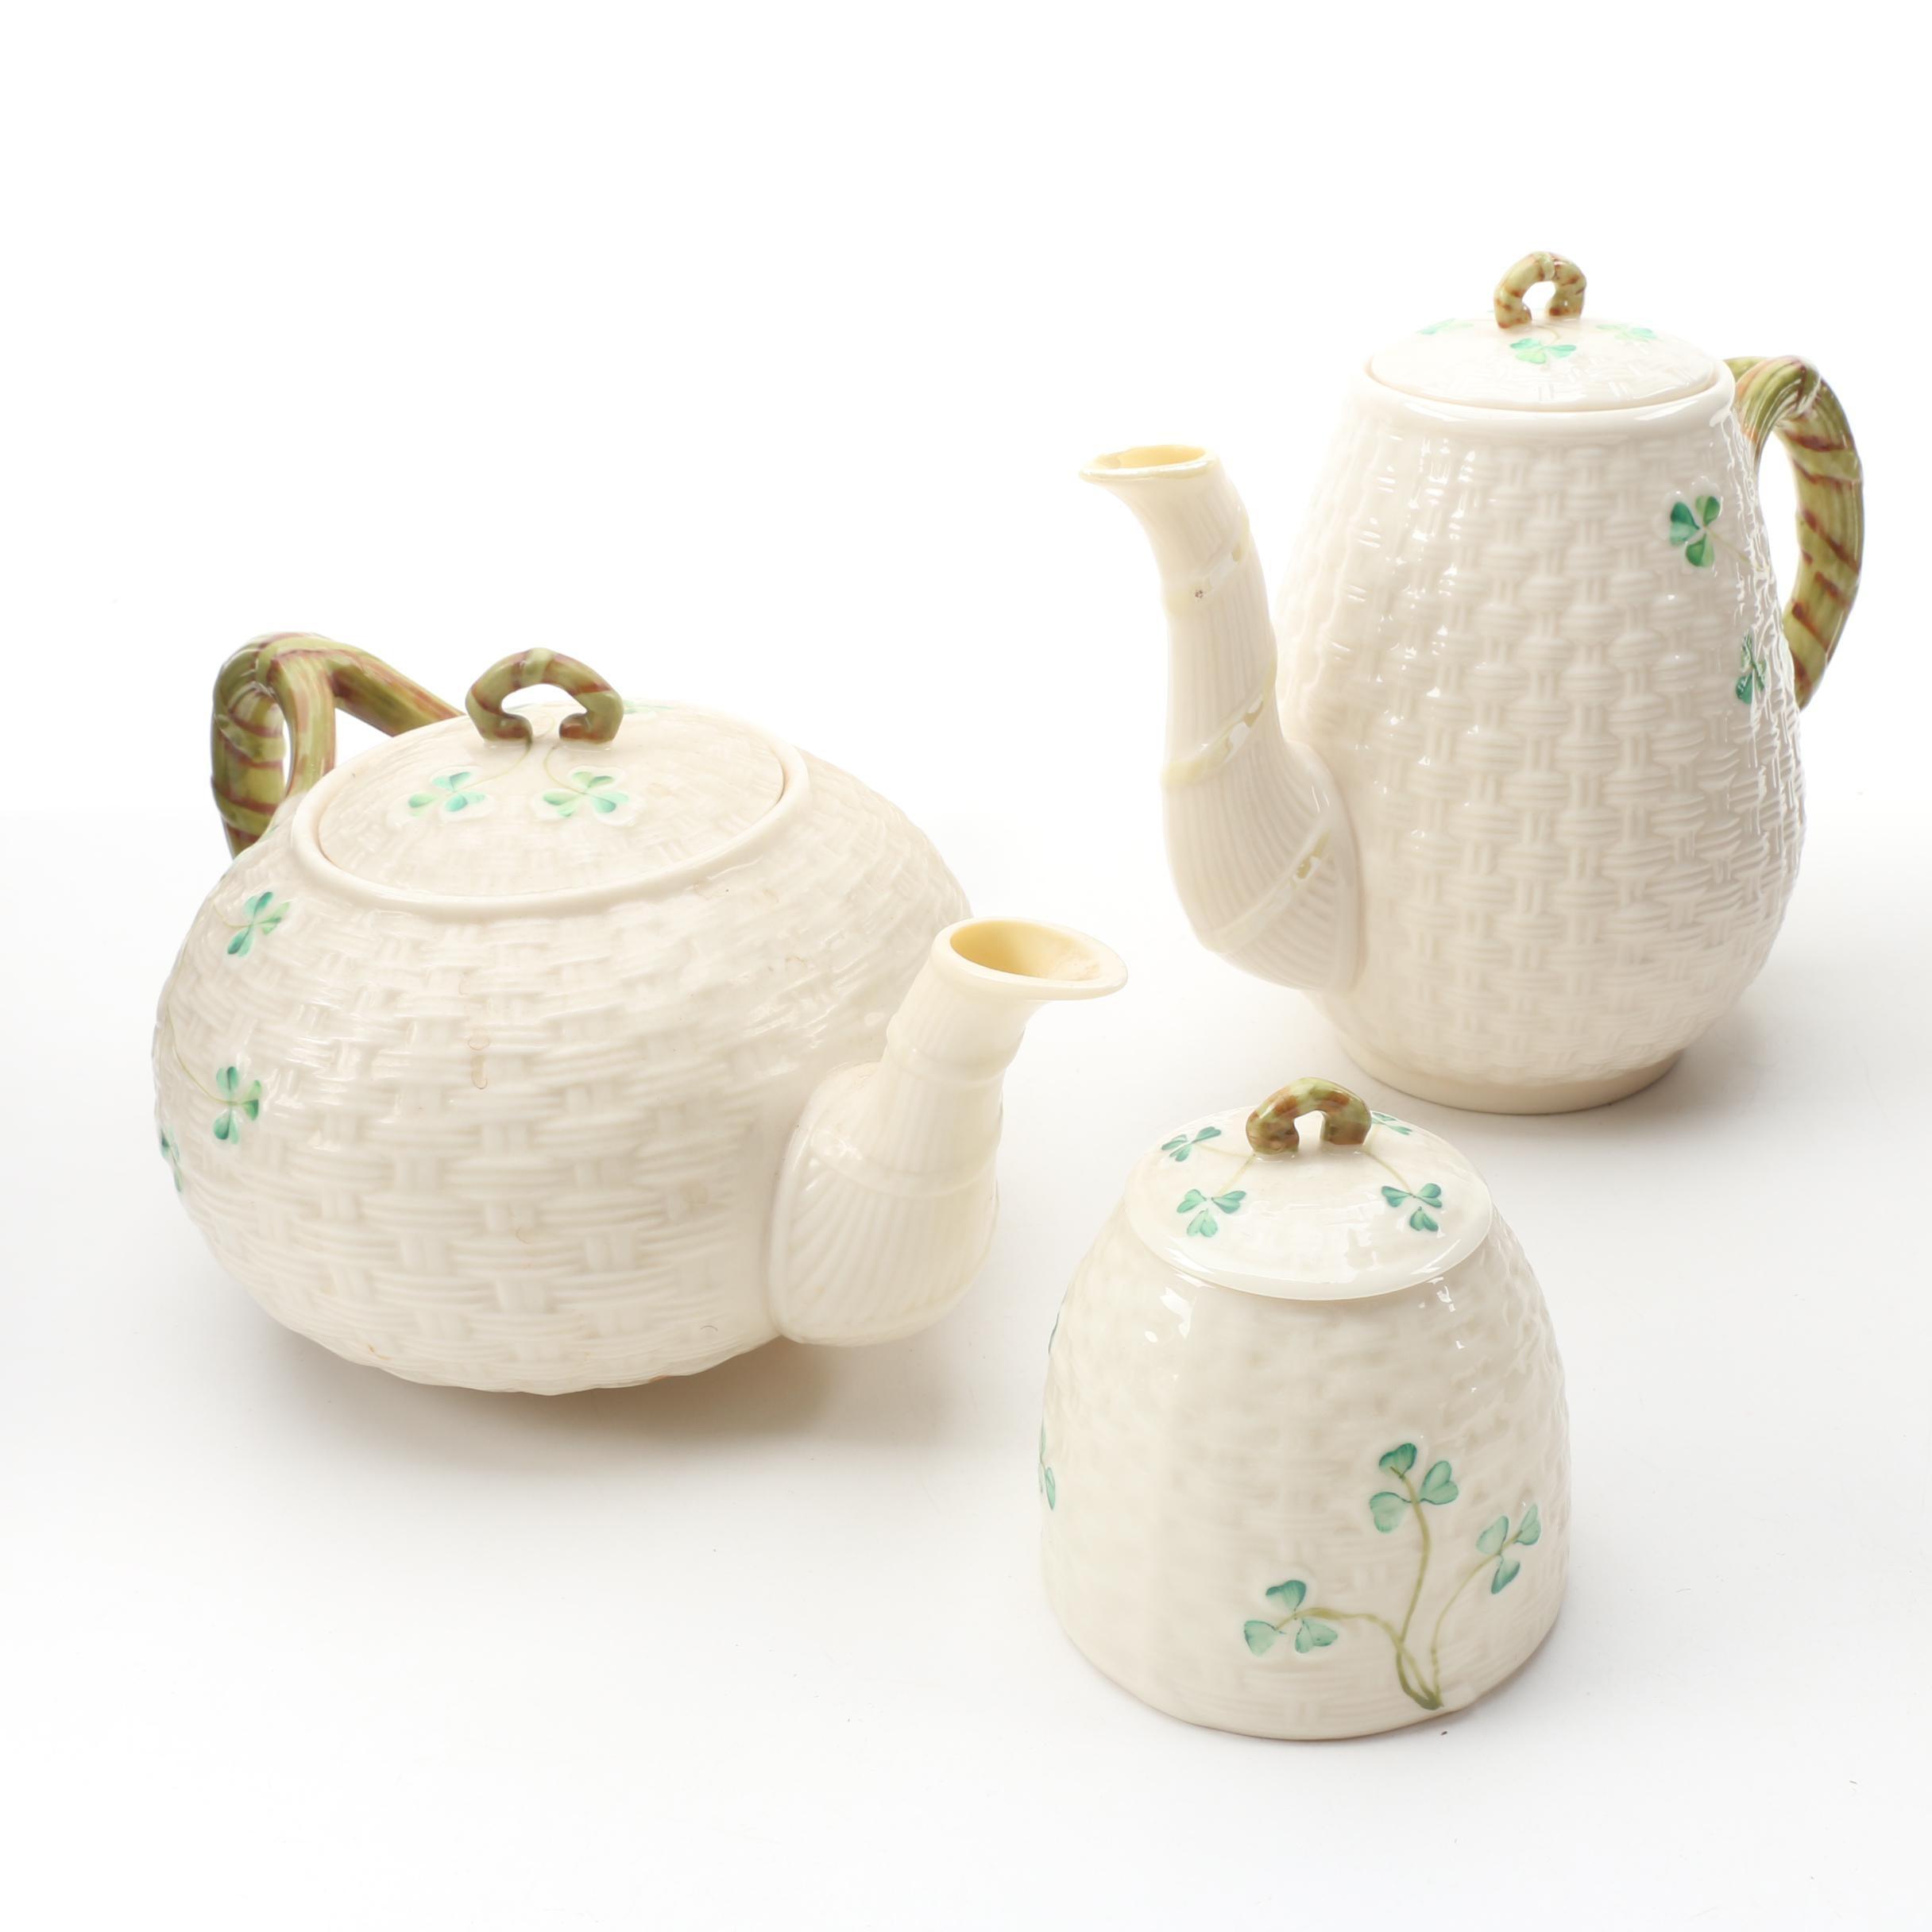 """Belleek """"Shamrock"""" Porcelain Teapot, Coffeepot and Marmalade Jar, 1955–1980"""